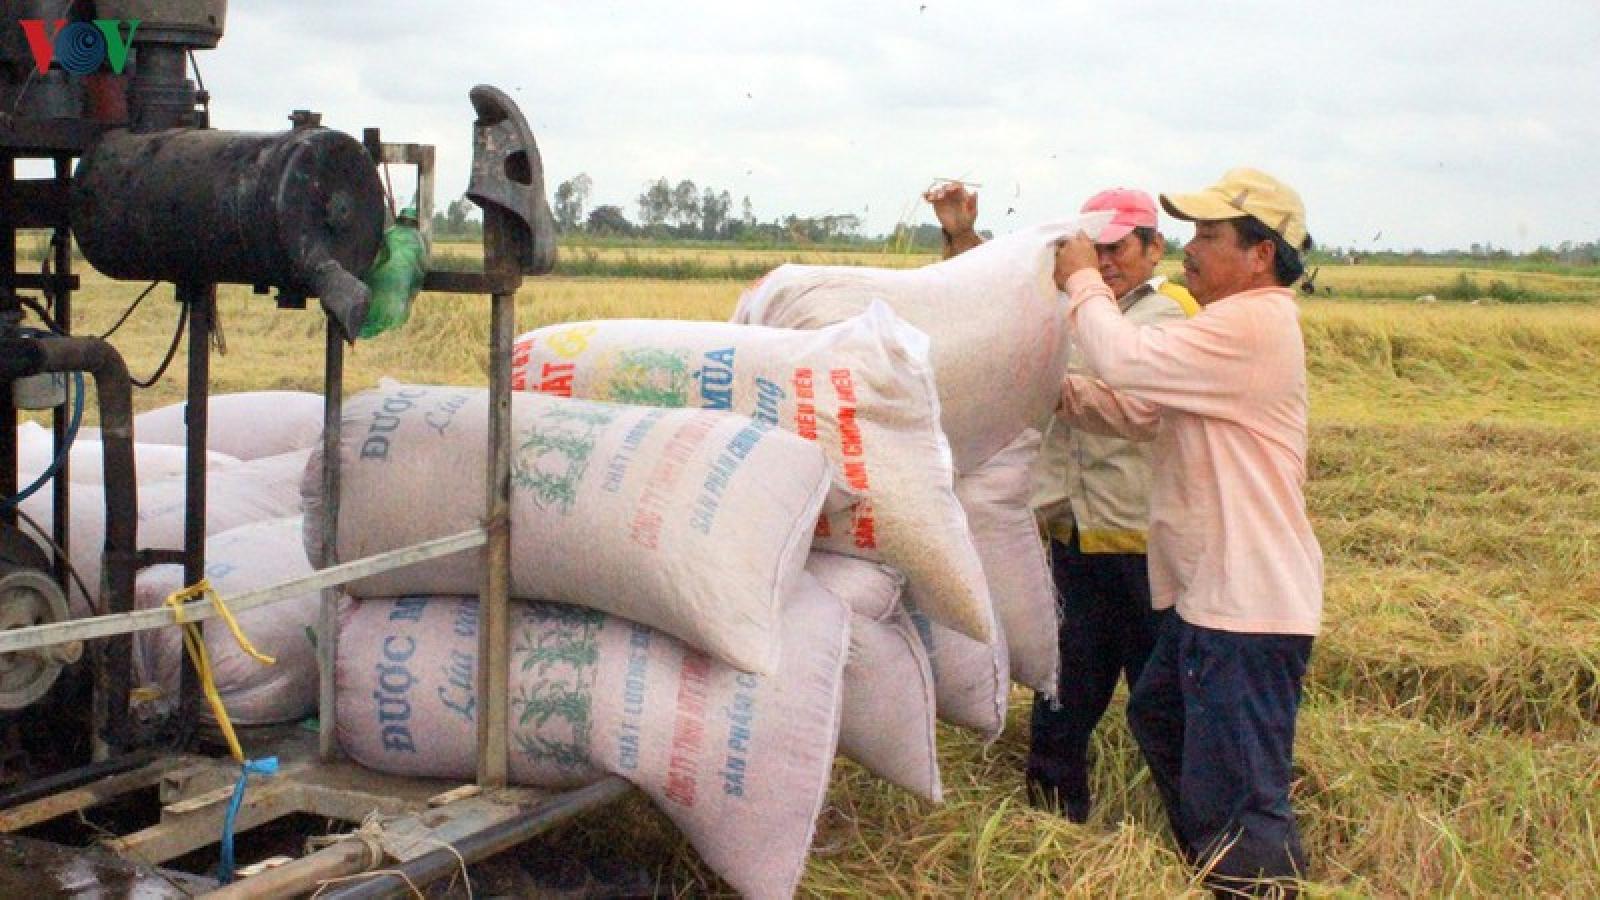 Kiến nghị xuất khẩu gạo nếp không tính vào hạn ngạch 400.000 tấn